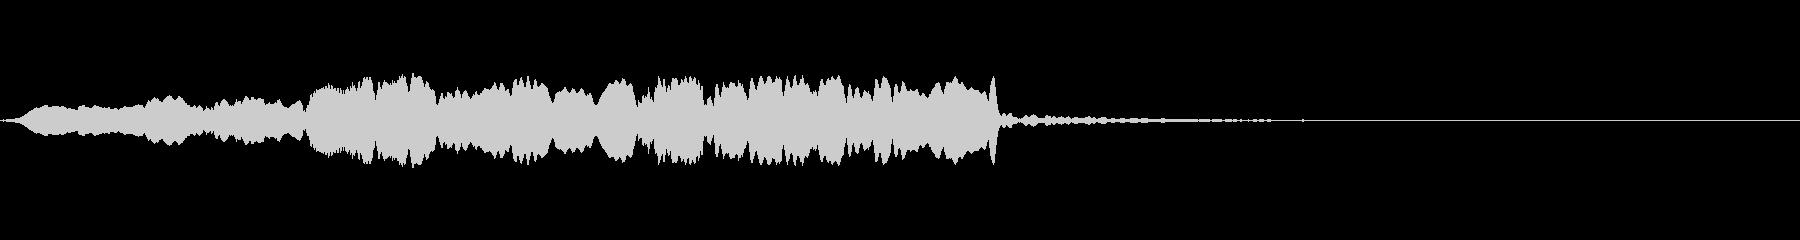 フルート:ライジング・トリル、漫画...の未再生の波形